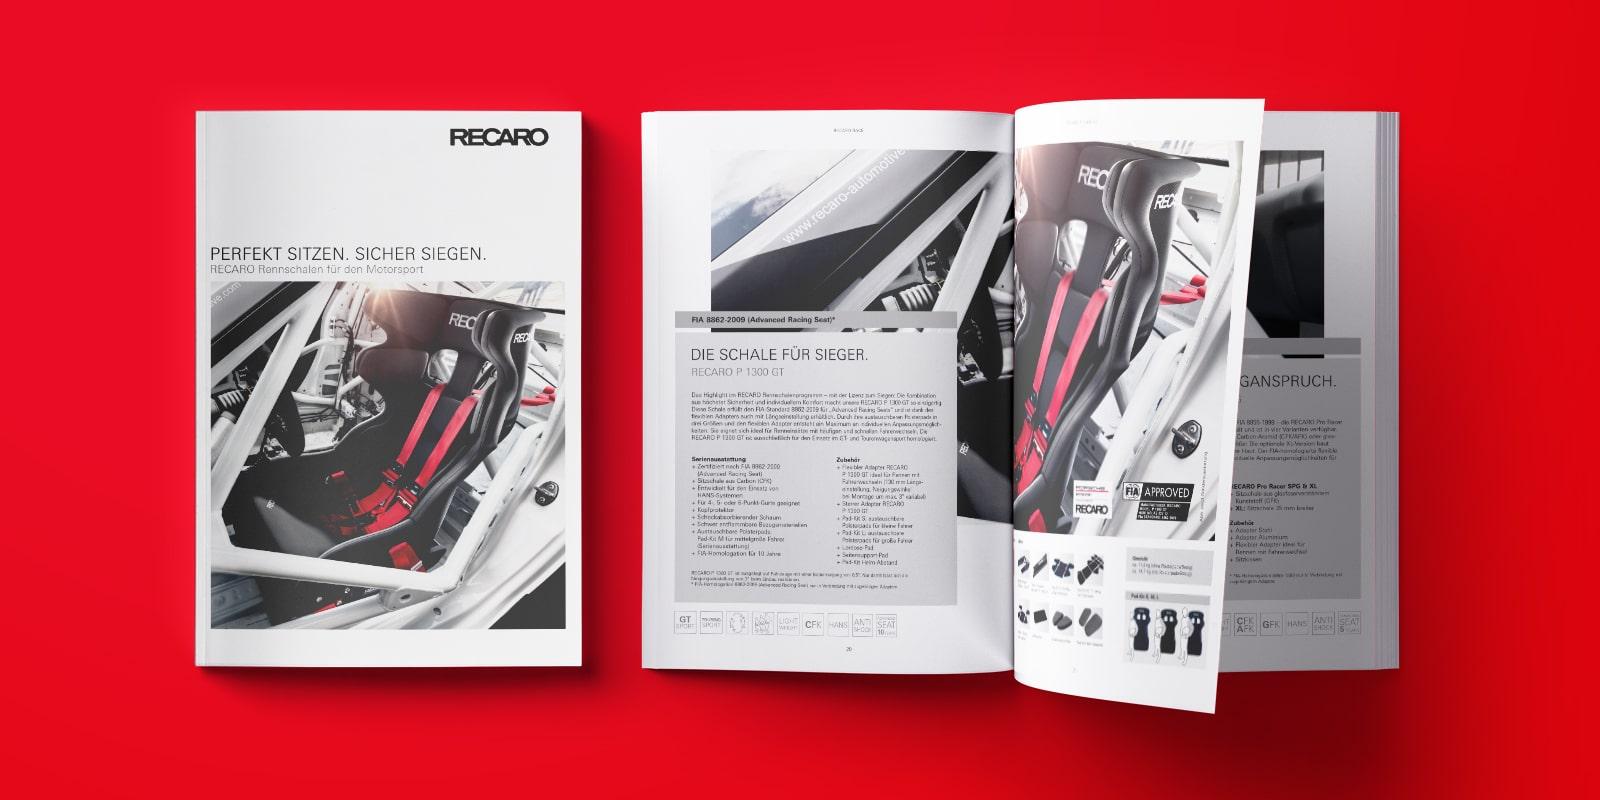 recaro-motorsport-vkf